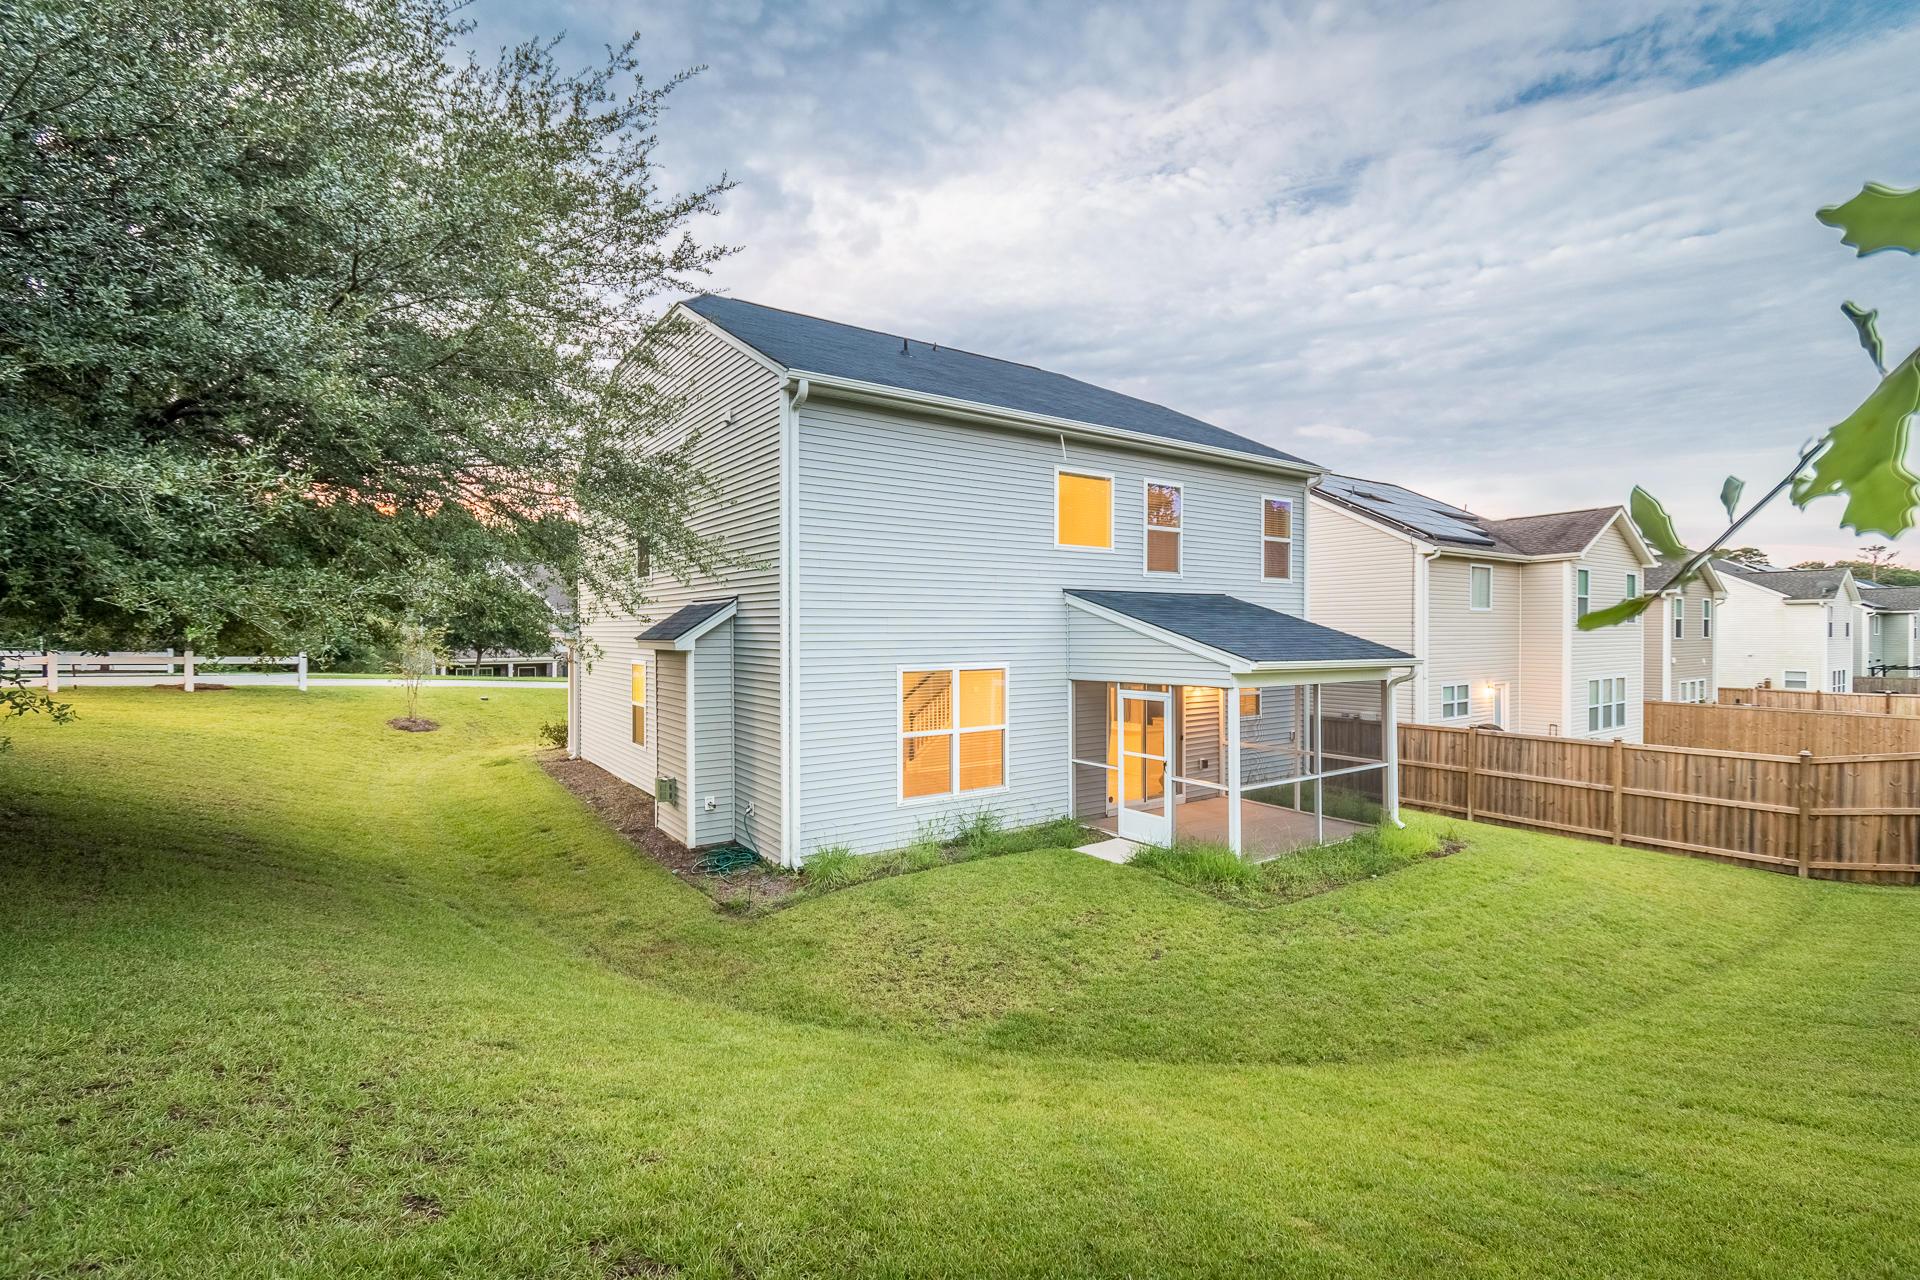 Sunnyfield Homes For Sale - 100 Medford, Summerville, SC - 3